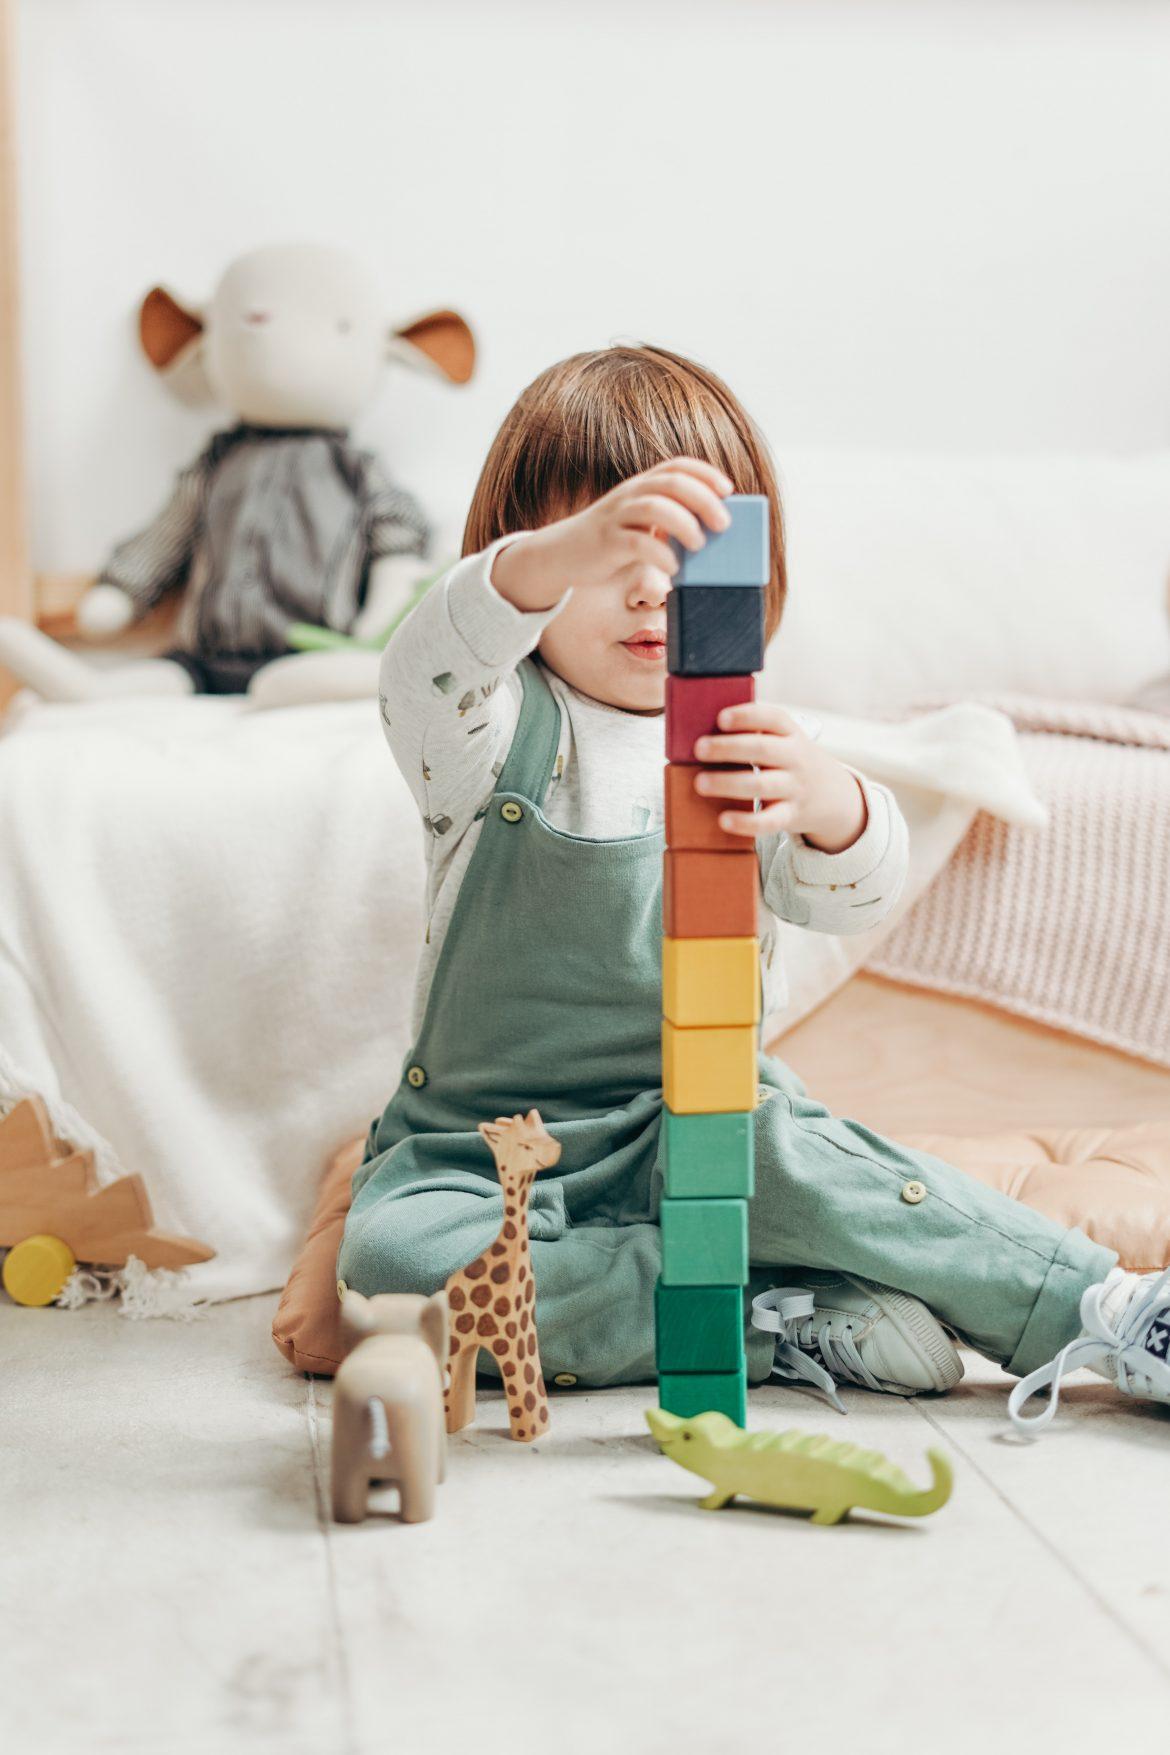 mistä asioista lapsi saa itse päättää